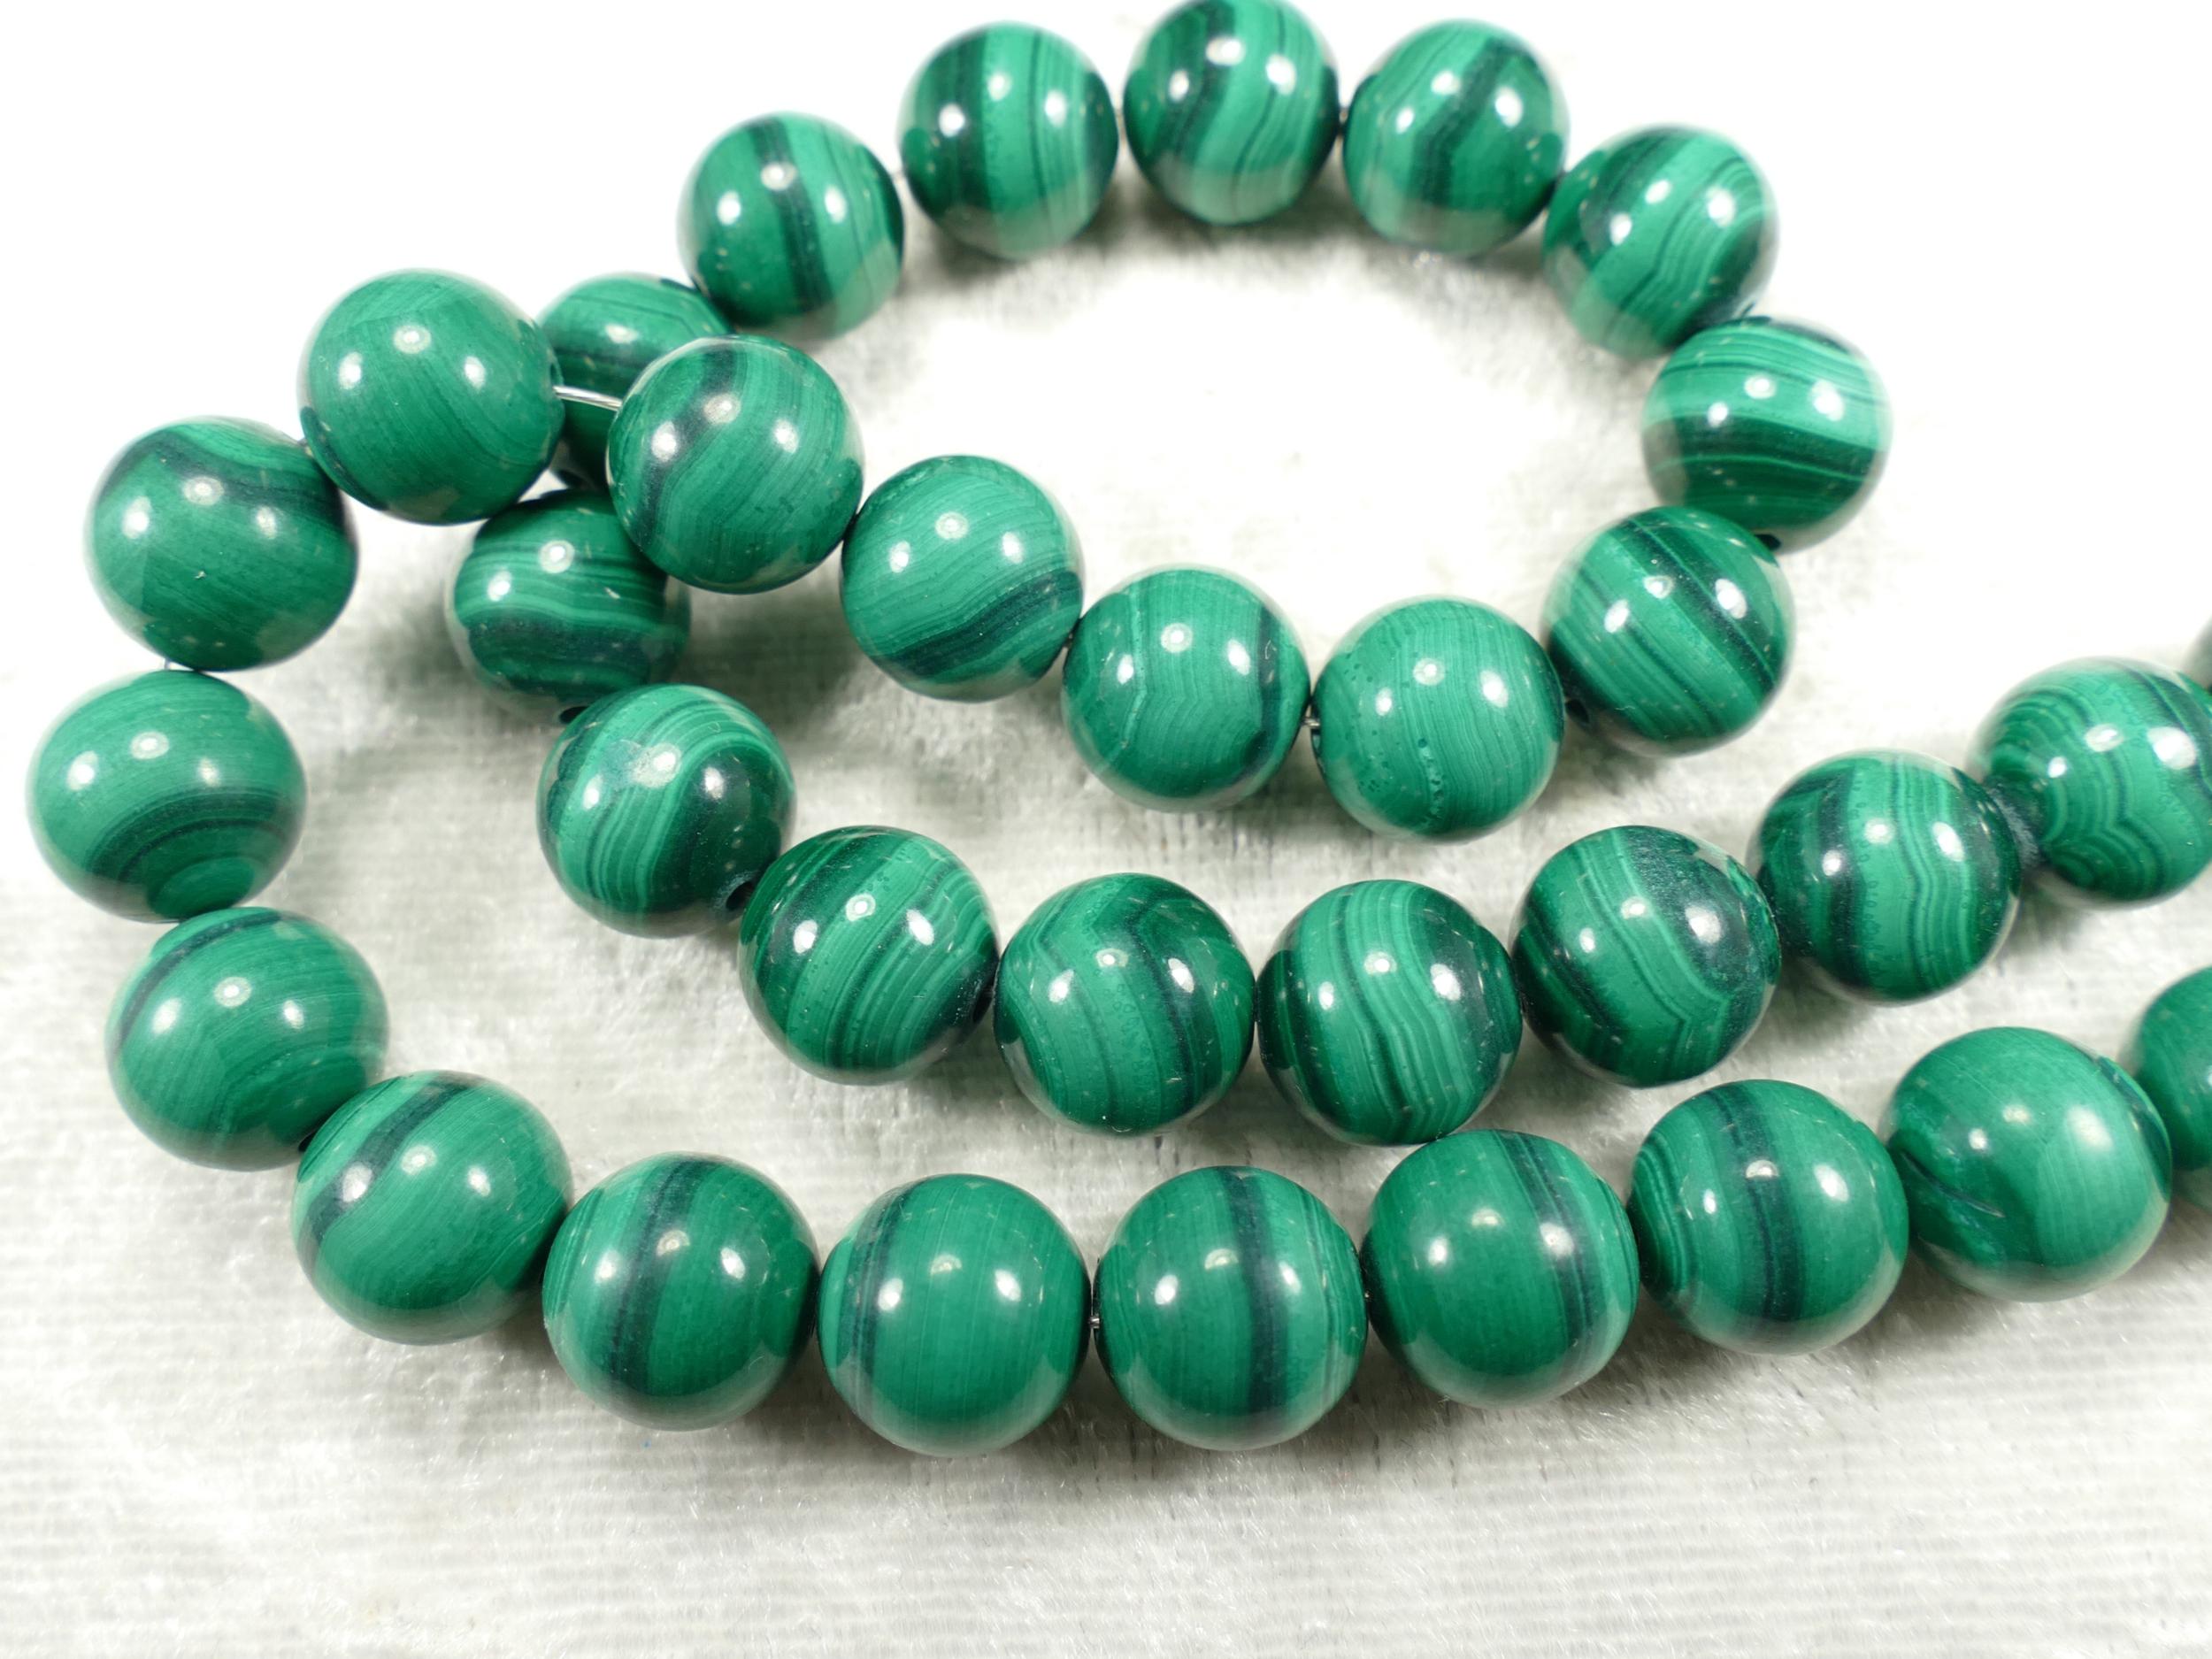 9.7/10mm x6 Perles de Malachite naturelle en boule / ronde lisse (#AC645)